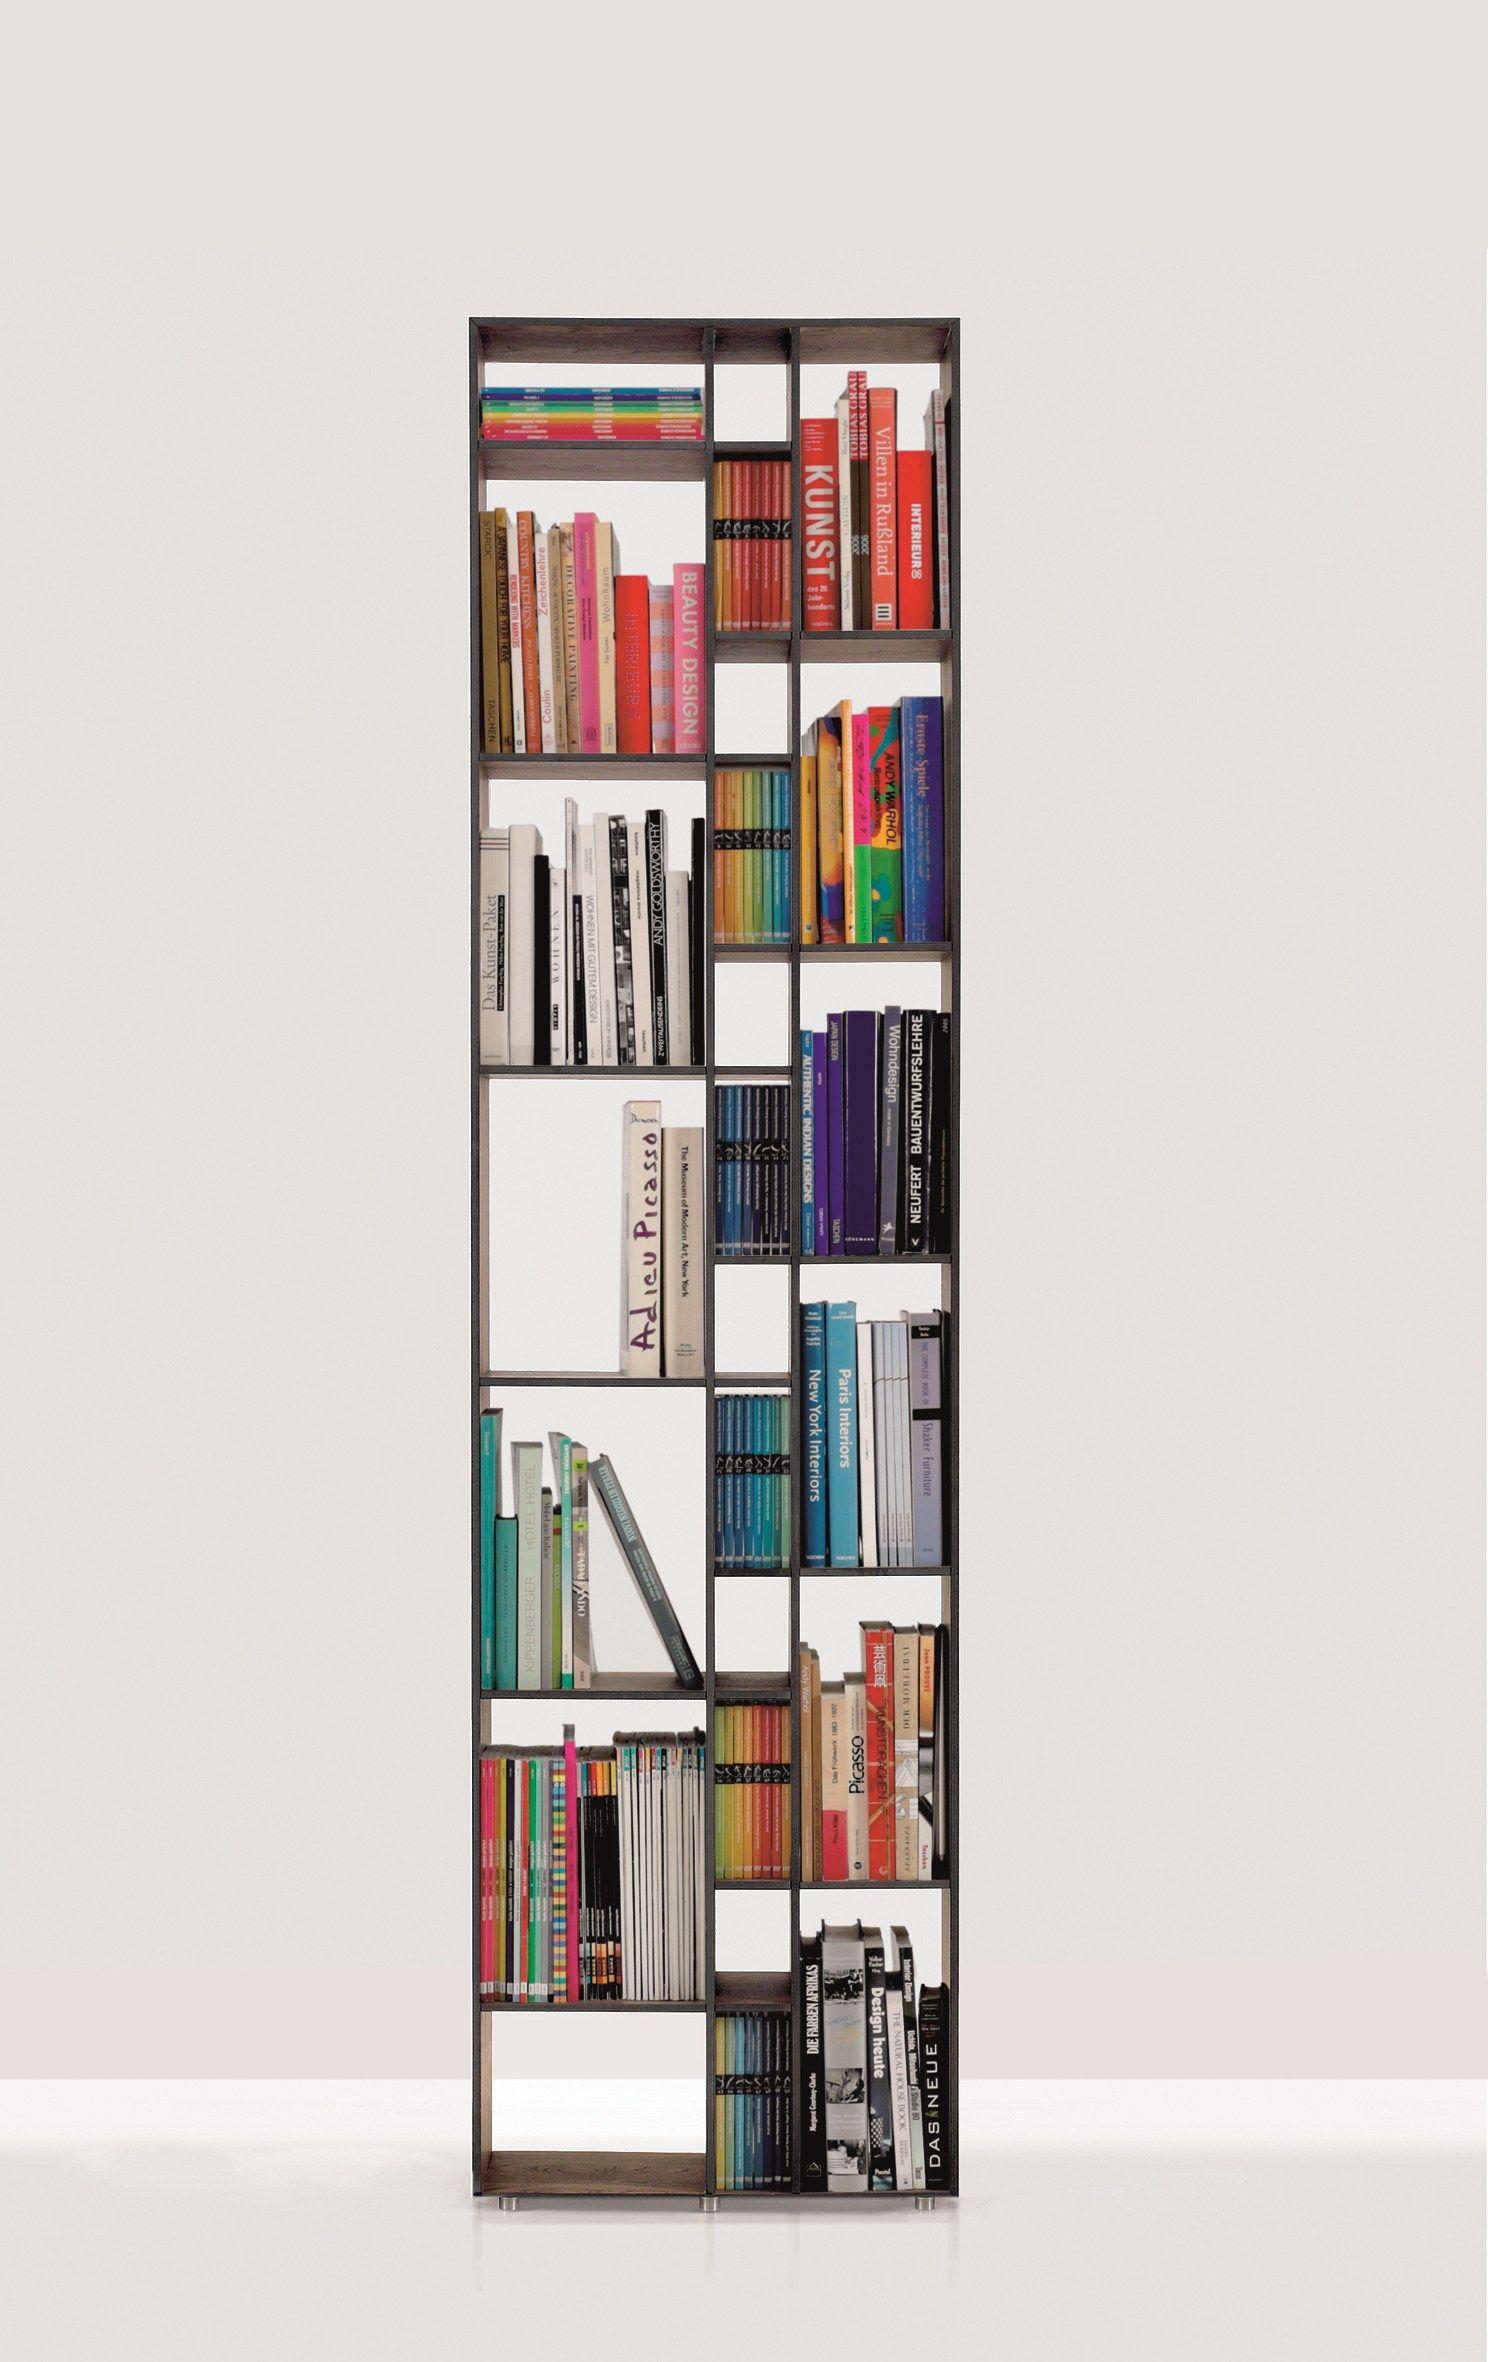 Offenes Freistehendes Wand Bücherregal Aus Holz CODE 1 By ZEITRAUM | Design  Nana Bambuch